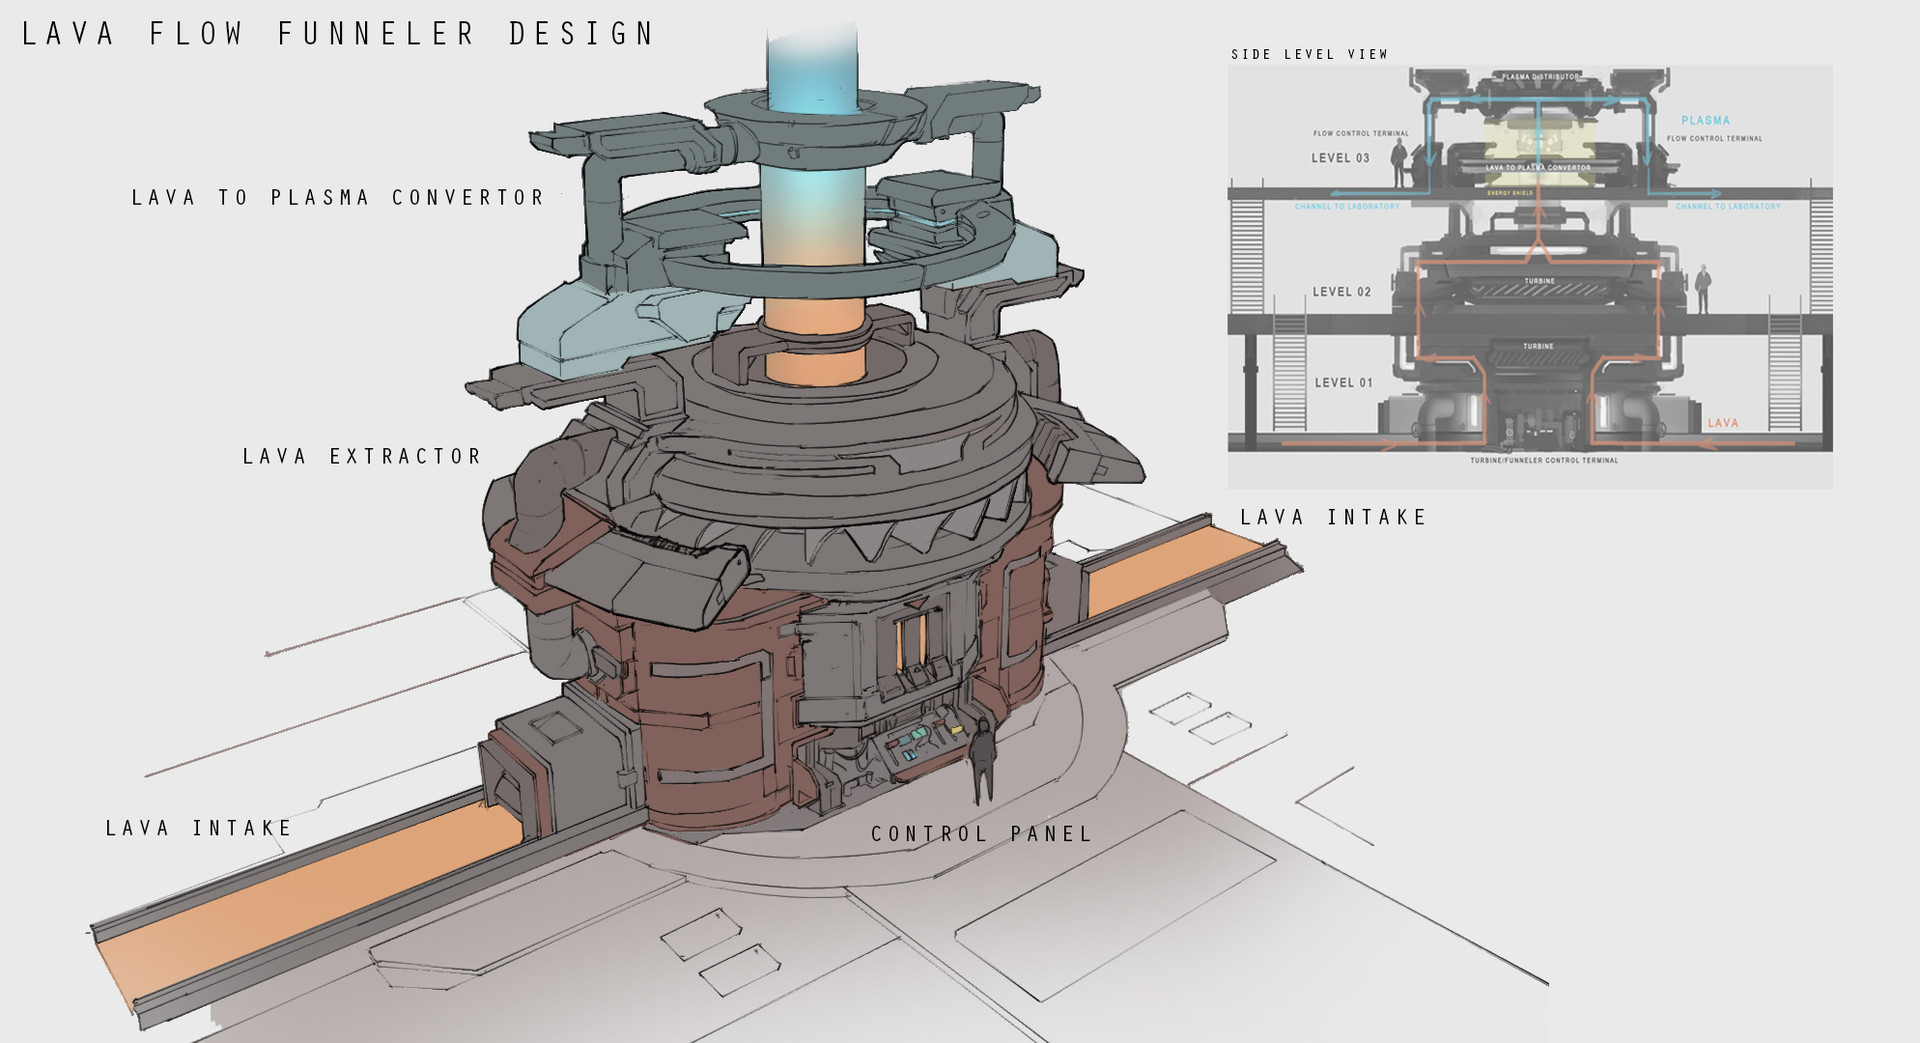 Franklin chan lava flow funneler design layout